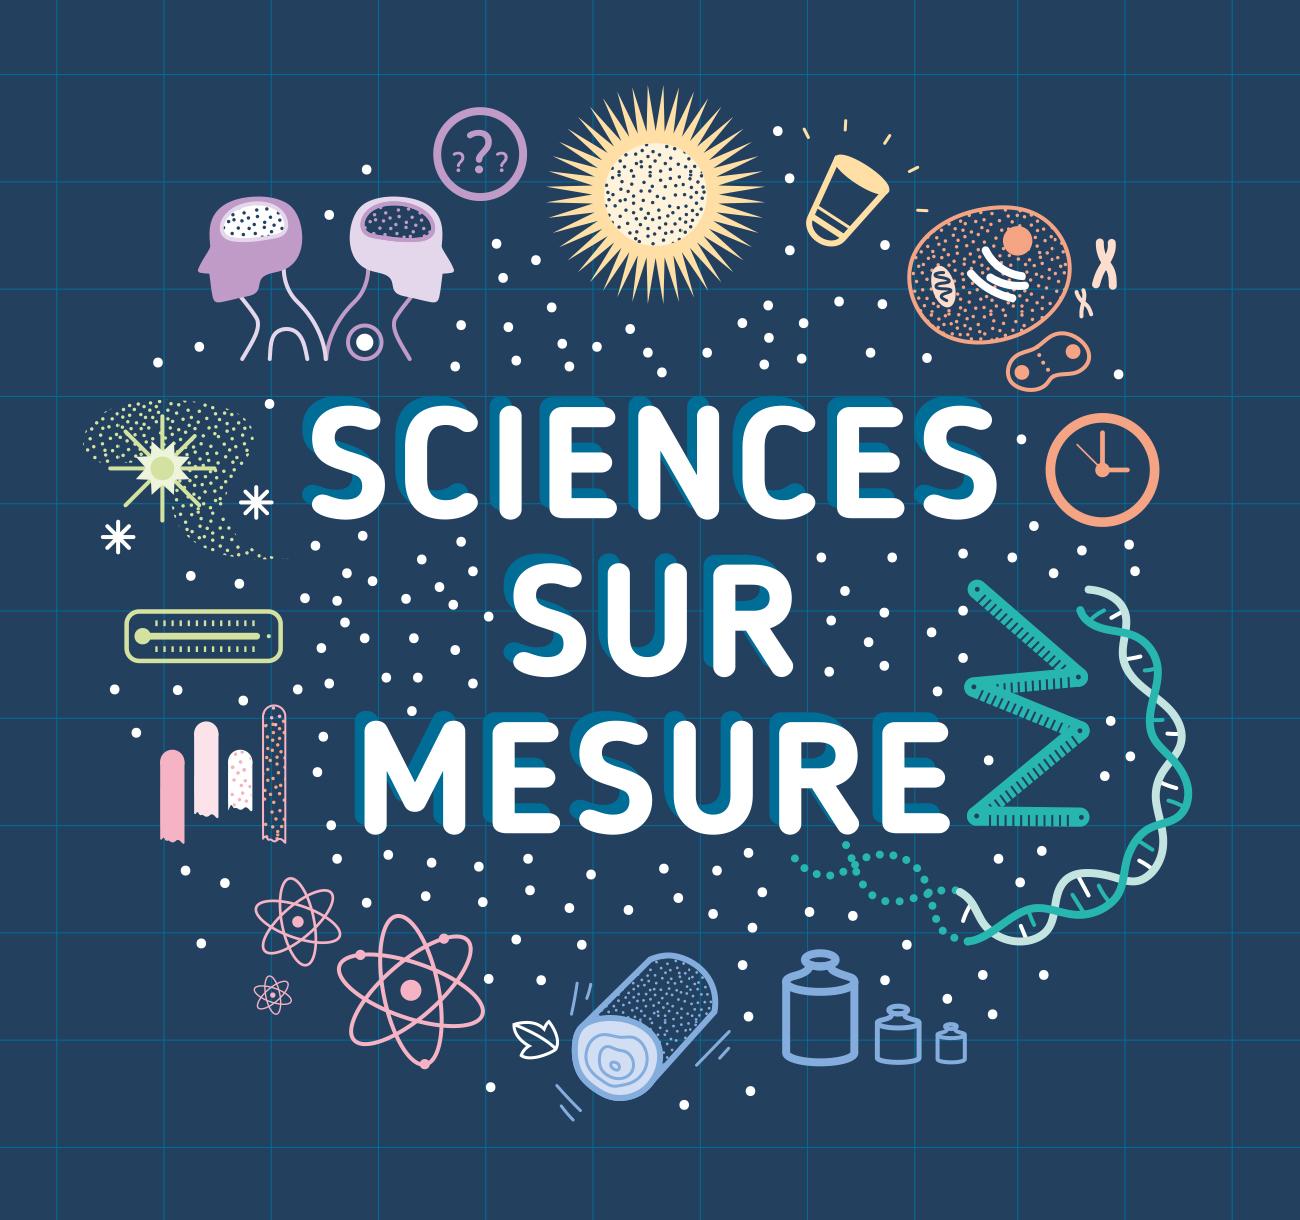 Sciences sur mesure